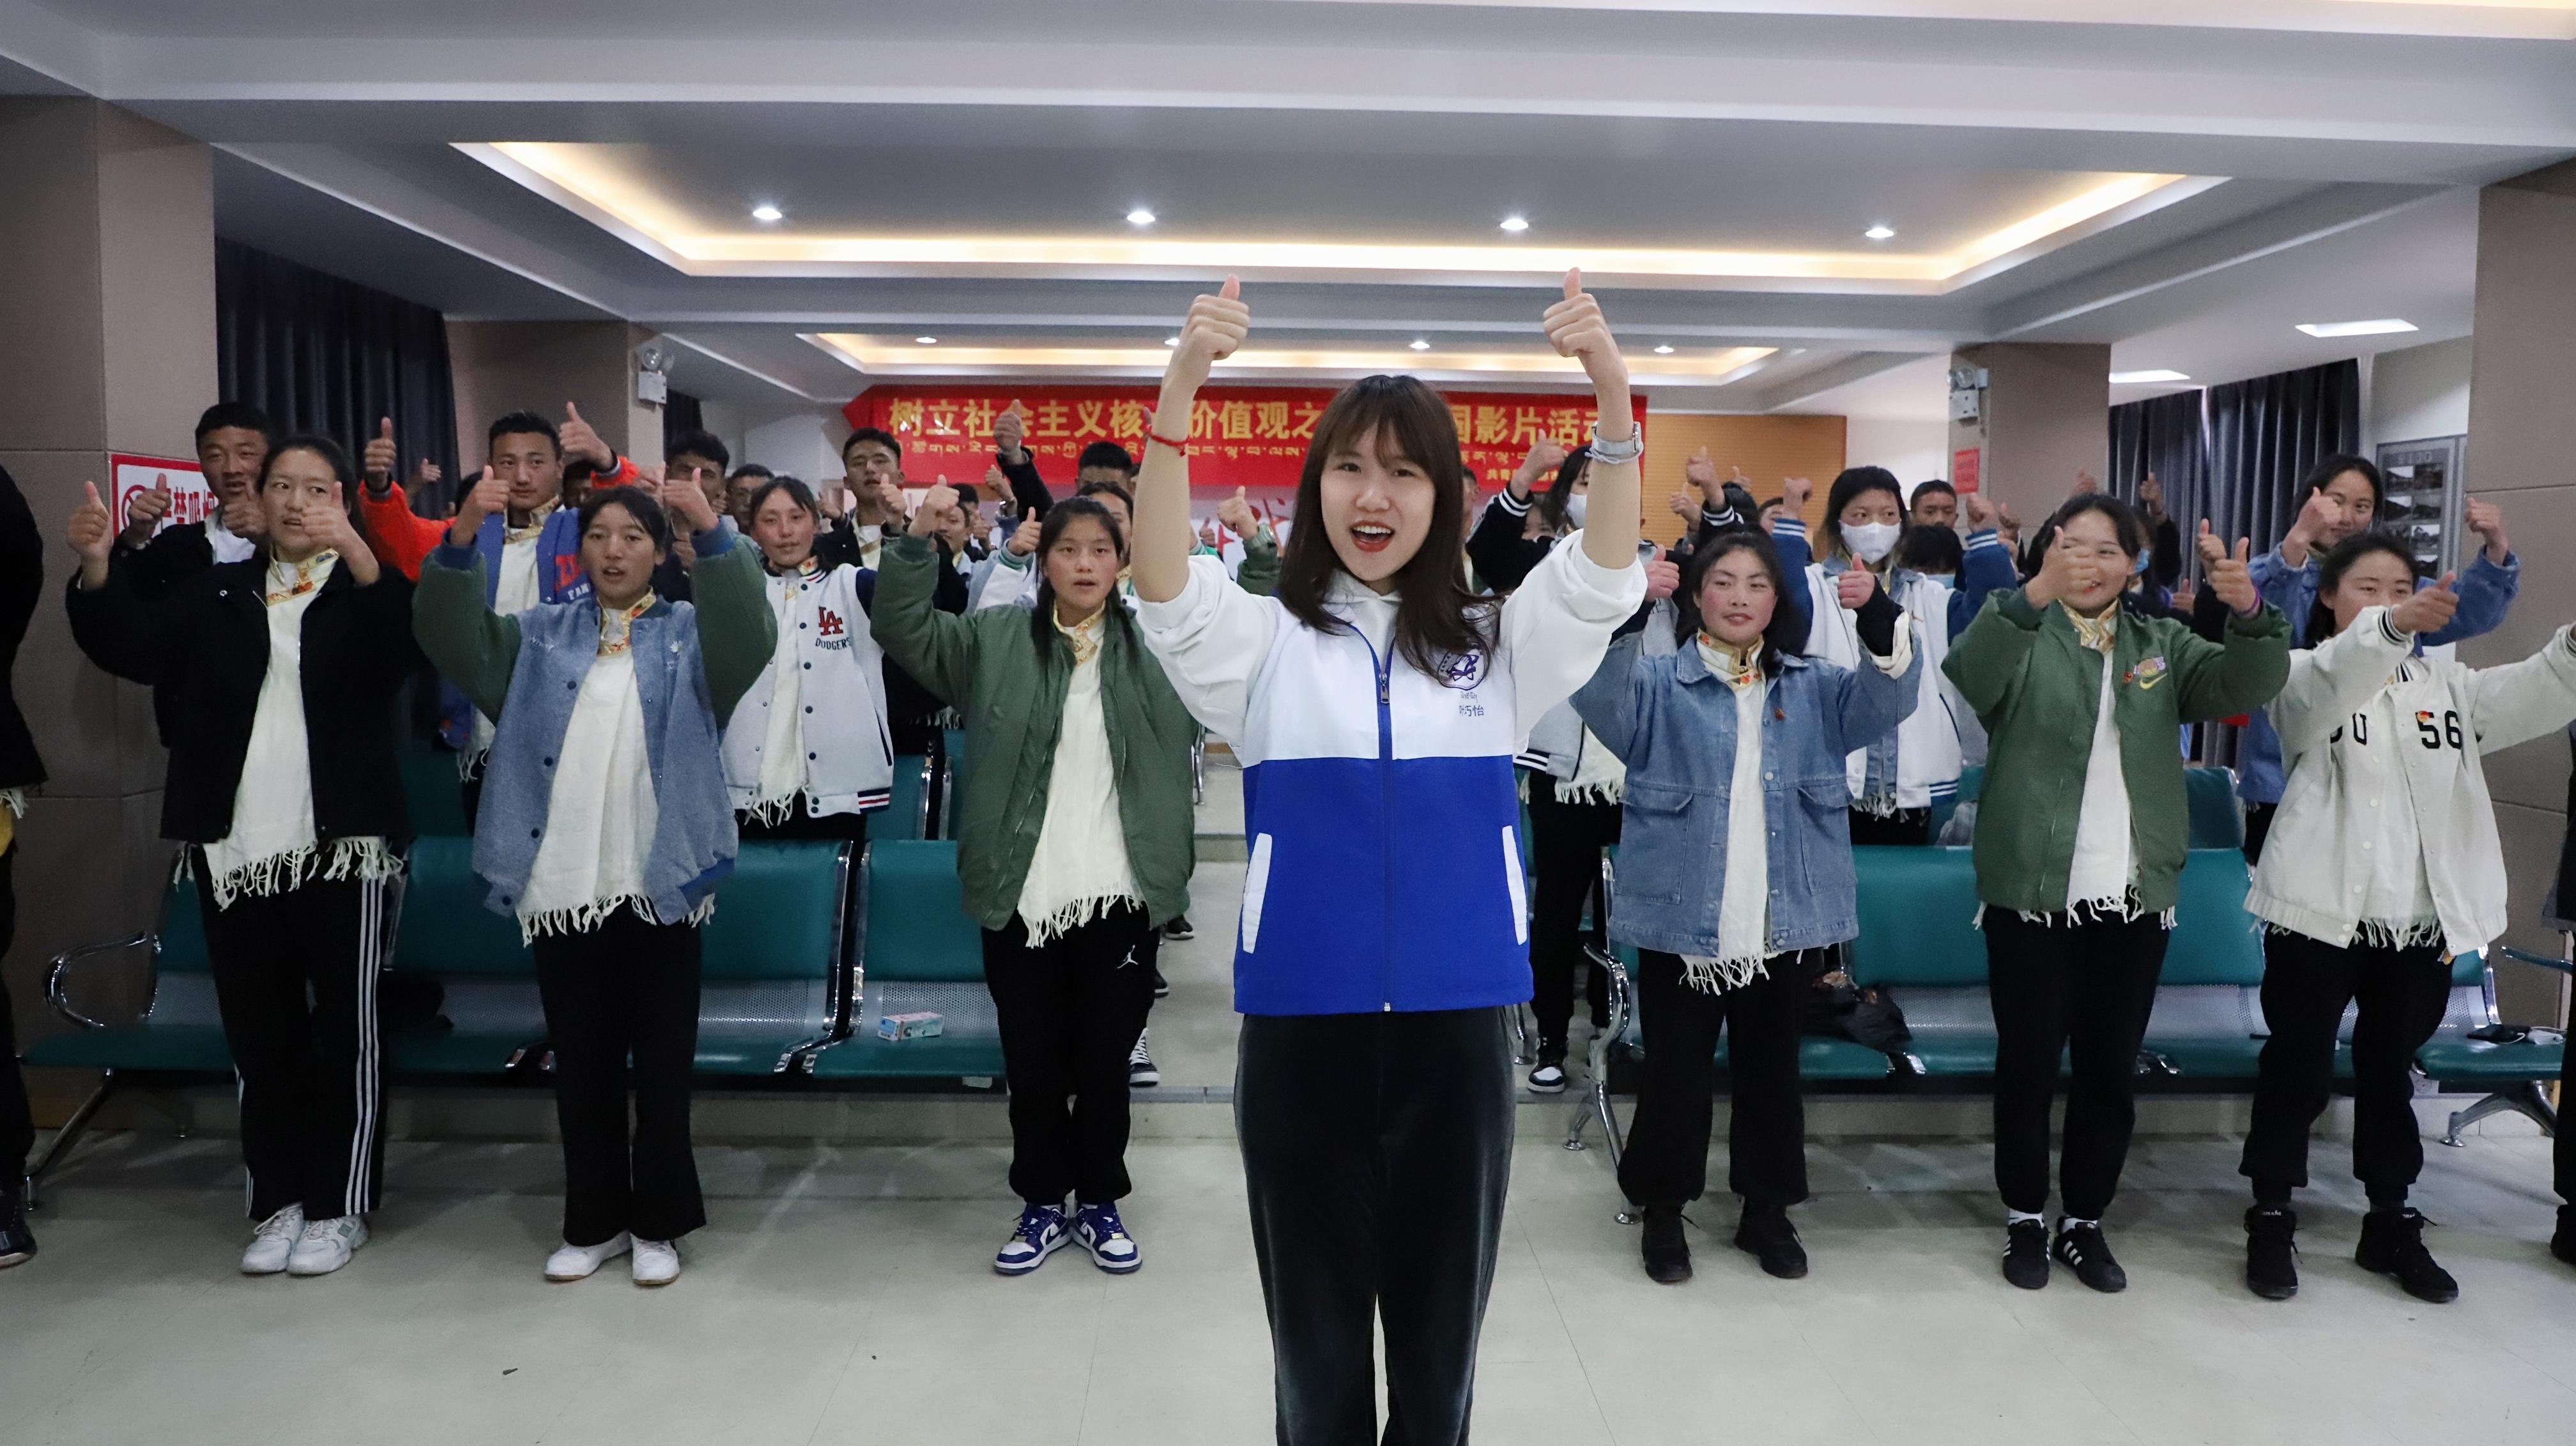 志愿者帶領大家做團歌手勢舞.jpg